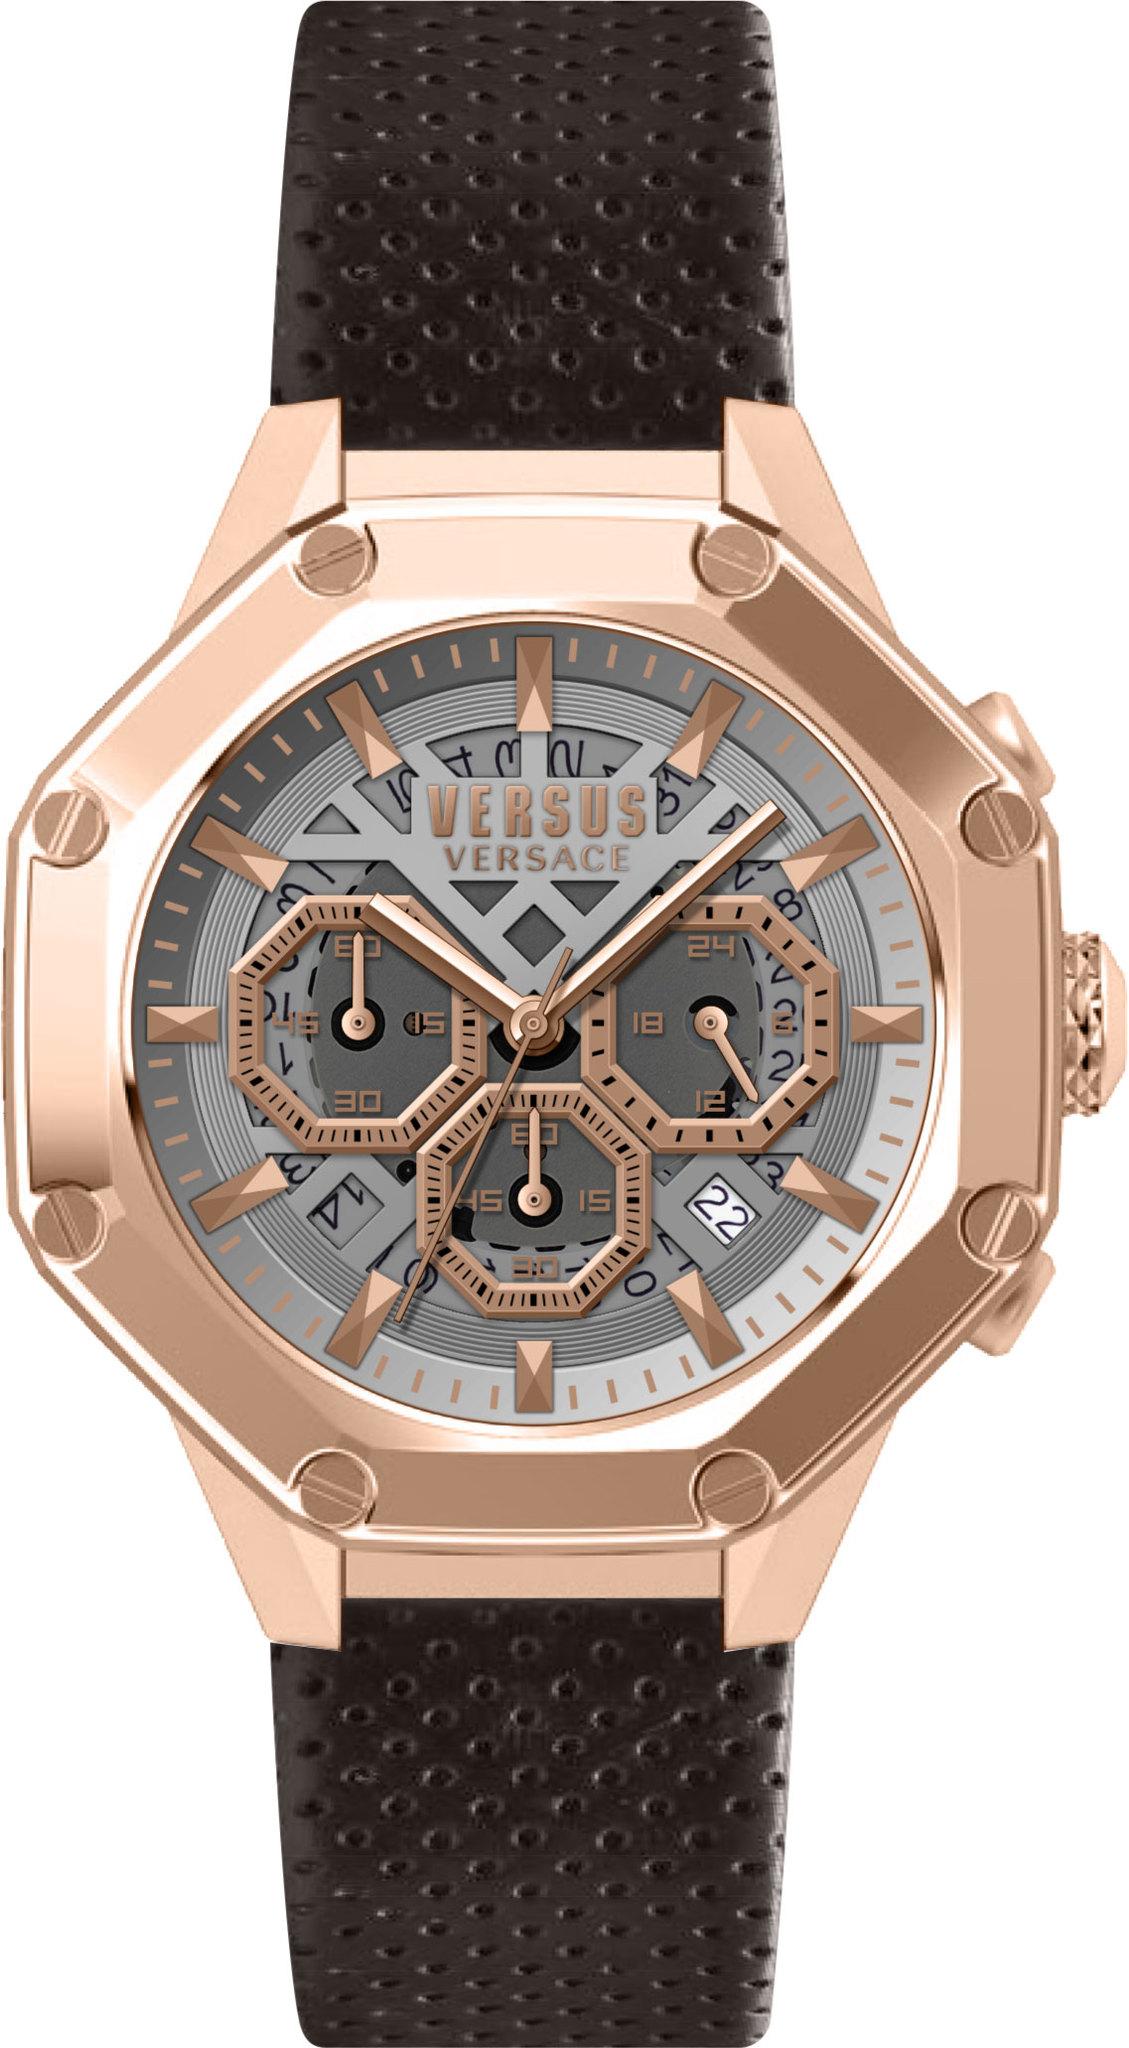 Наручные часы VERSUS Versace VSP391320